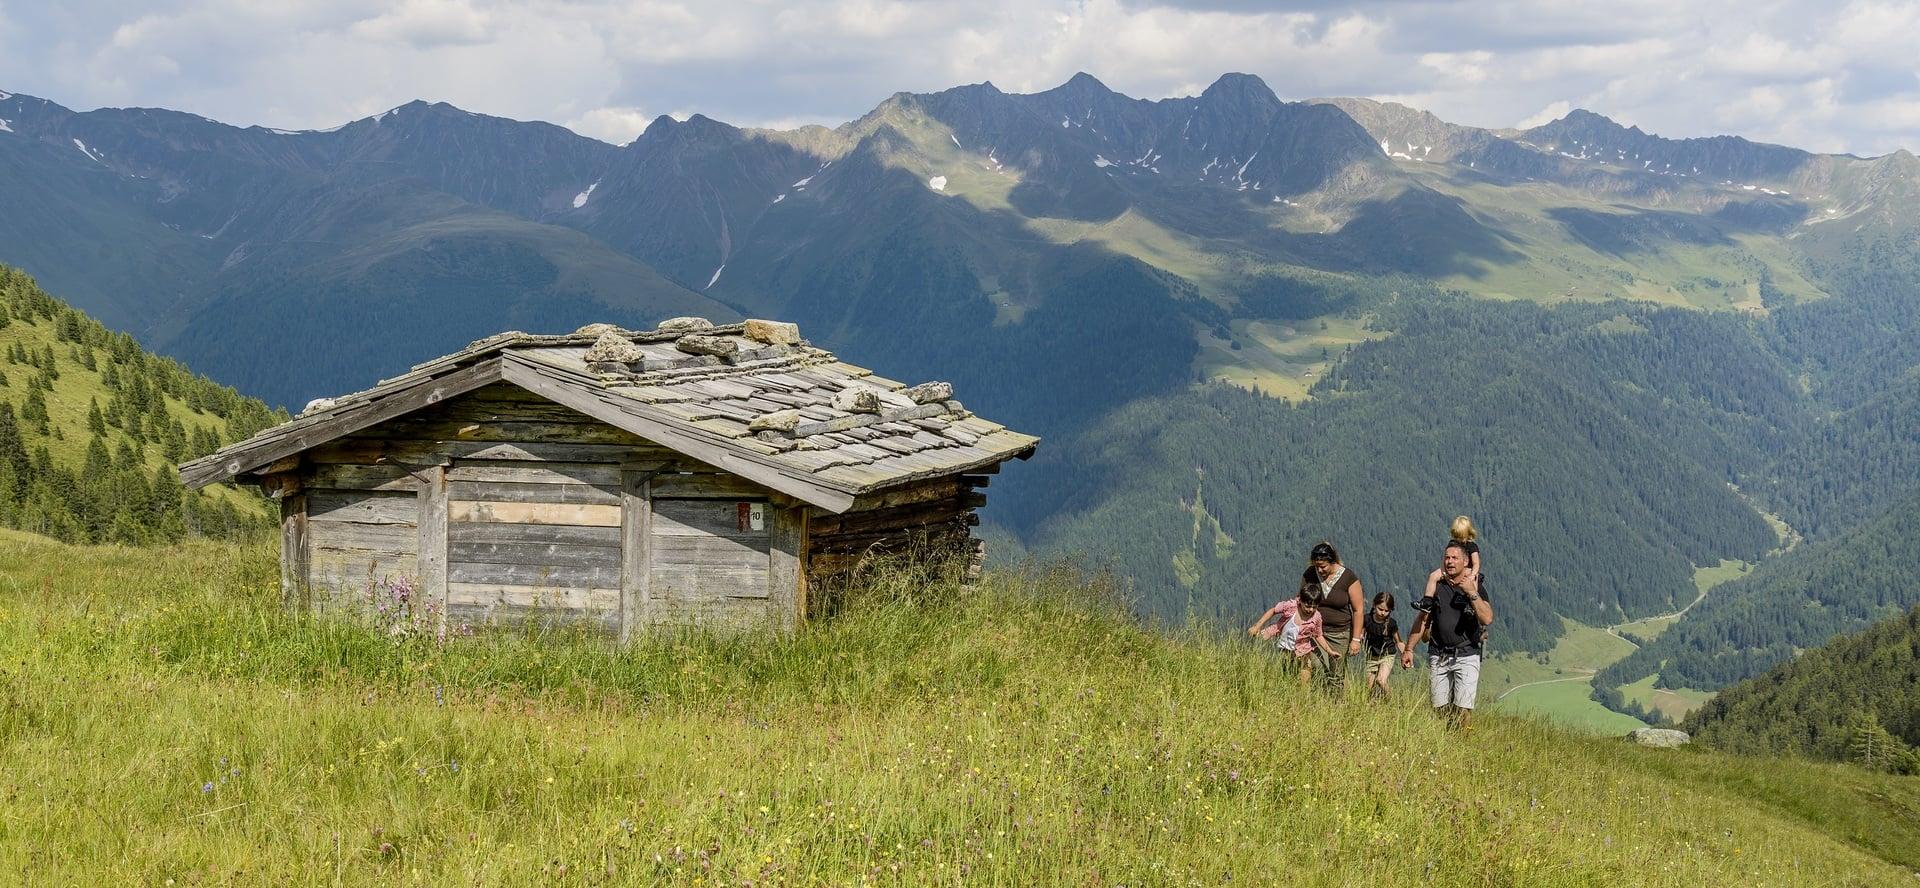 Familienwanderung in den Dolomiten (c) Hotel Quelle